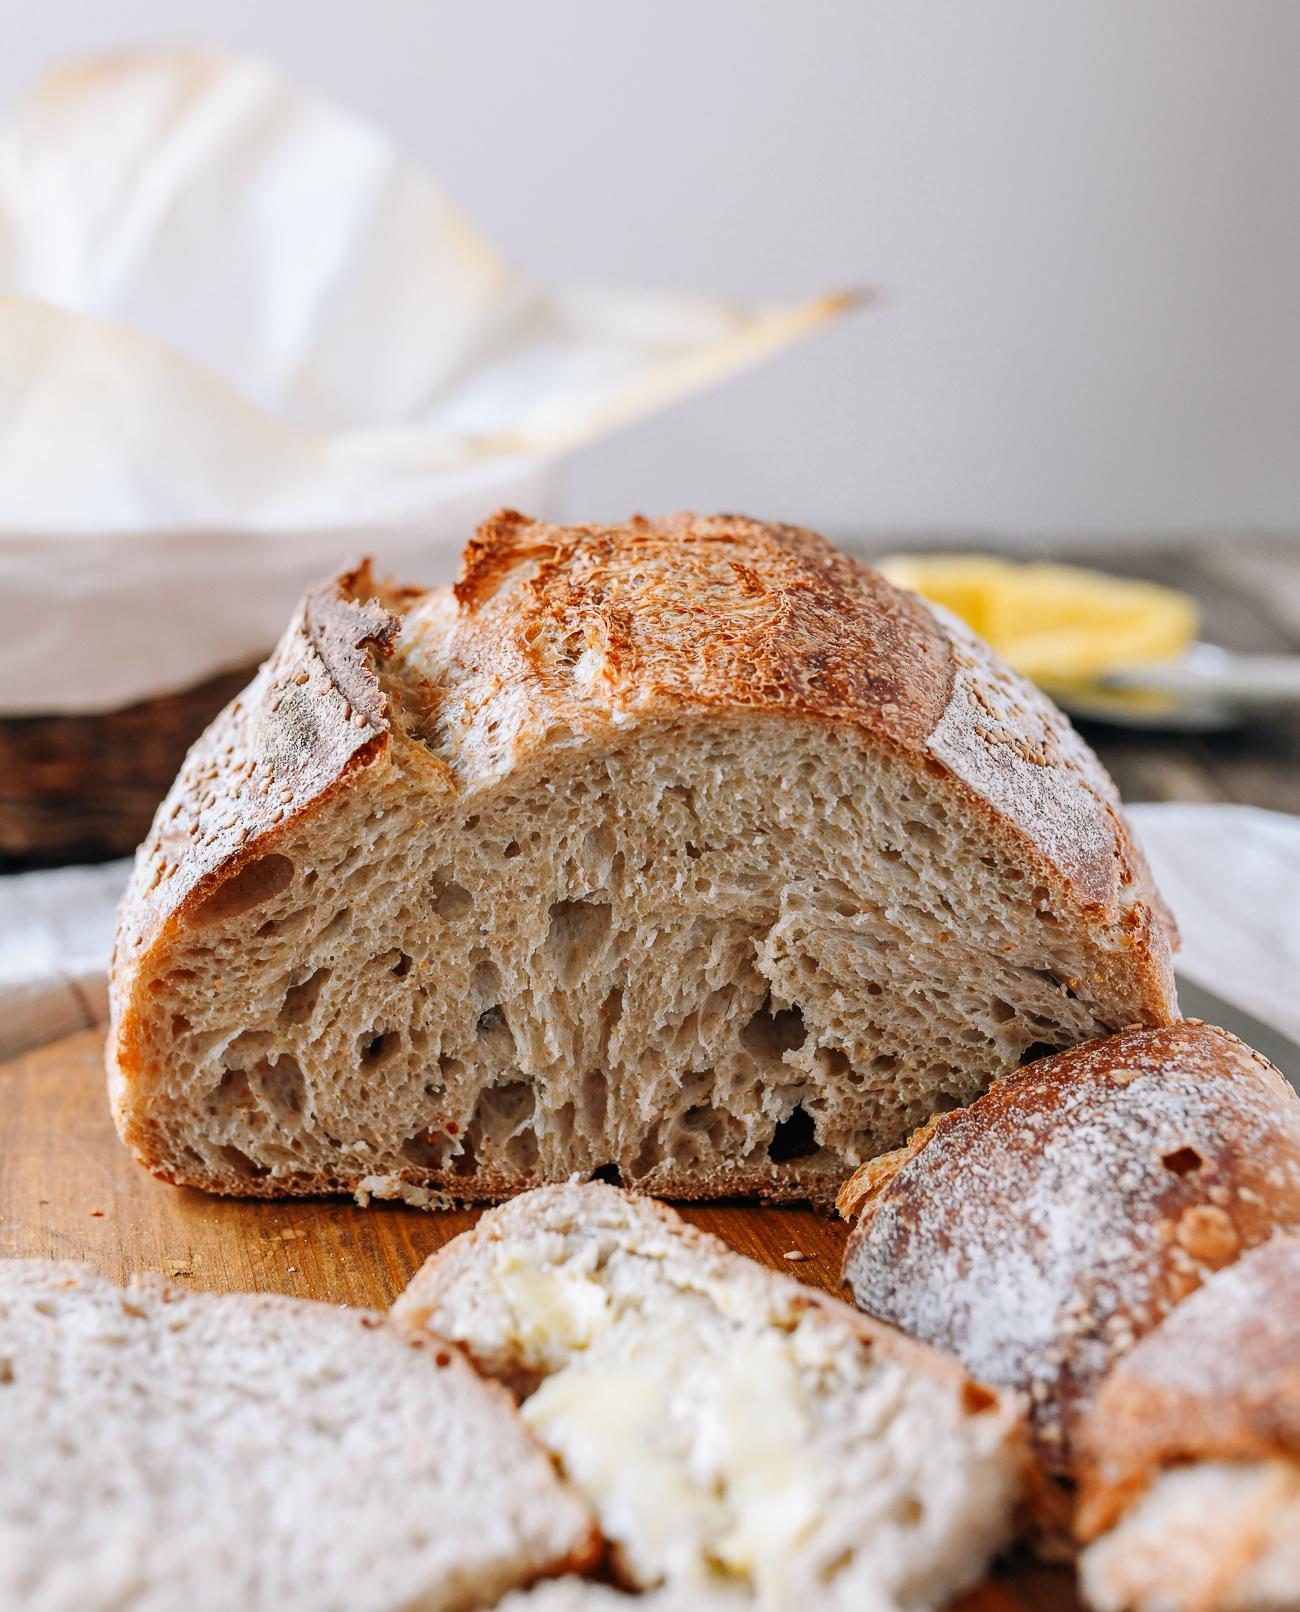 Sourdough bread loaf cross-section